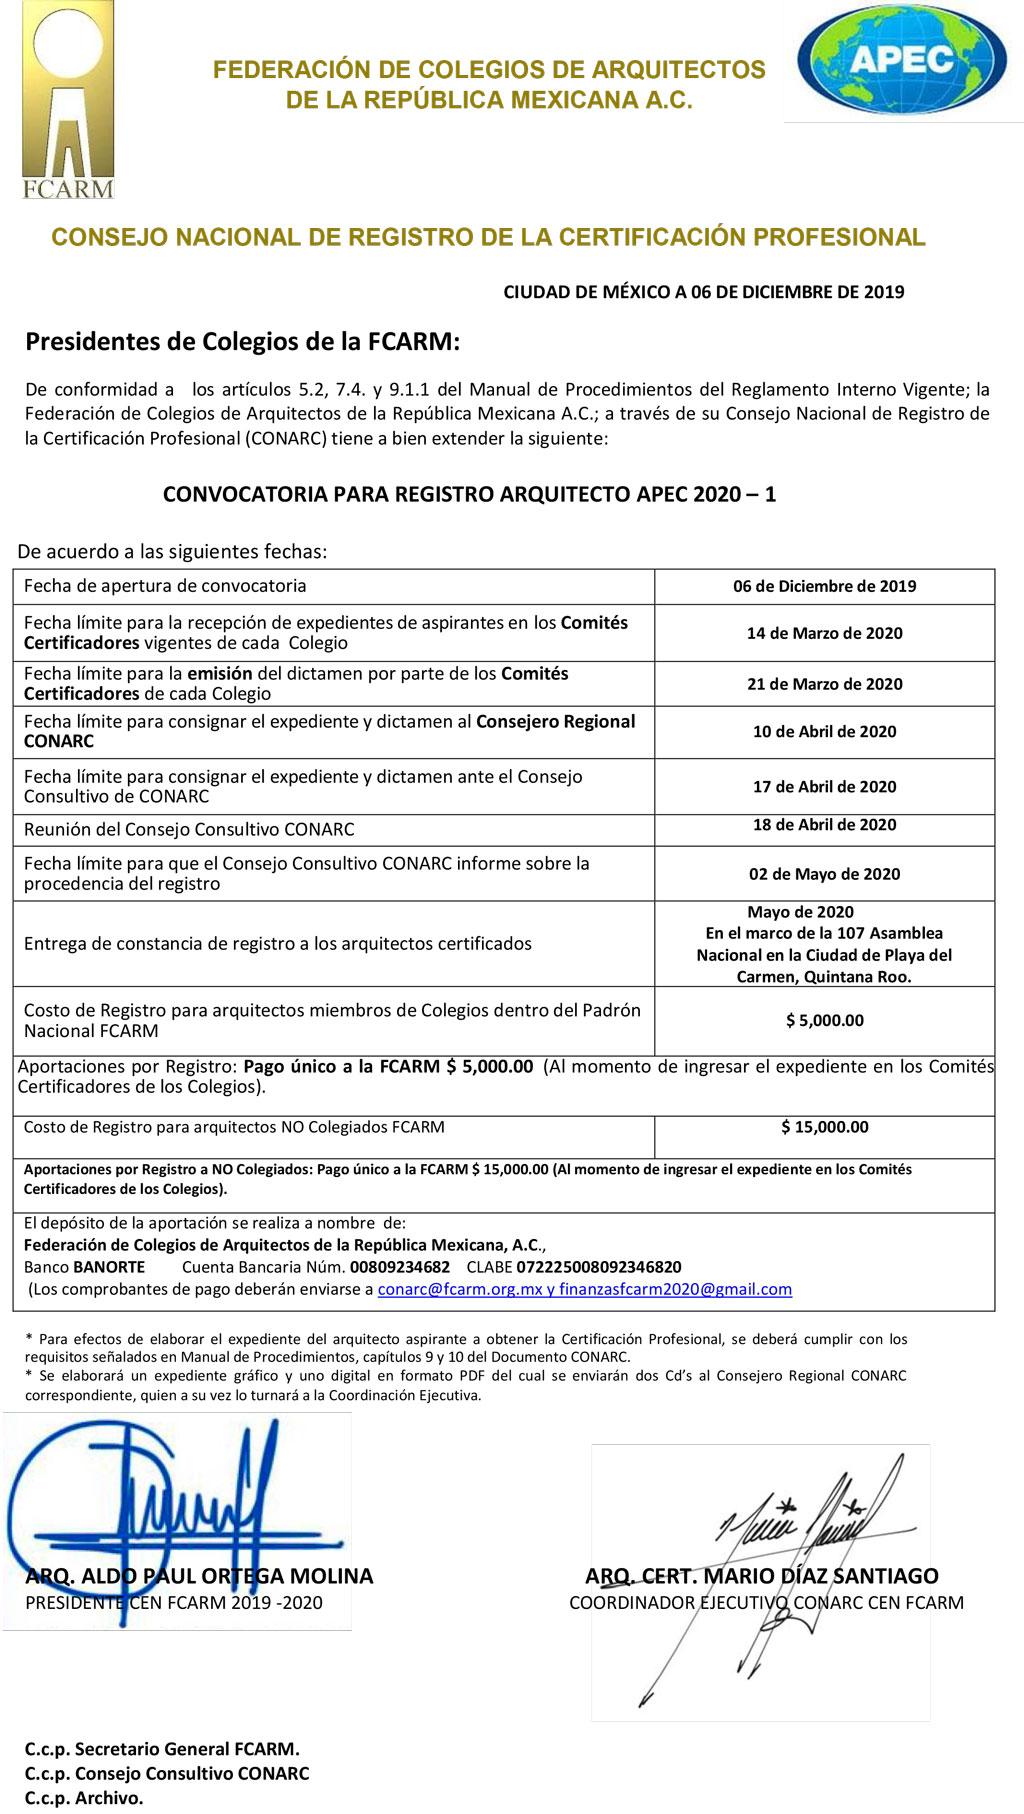 CONV.-REGISTRO-APEC-2020-1